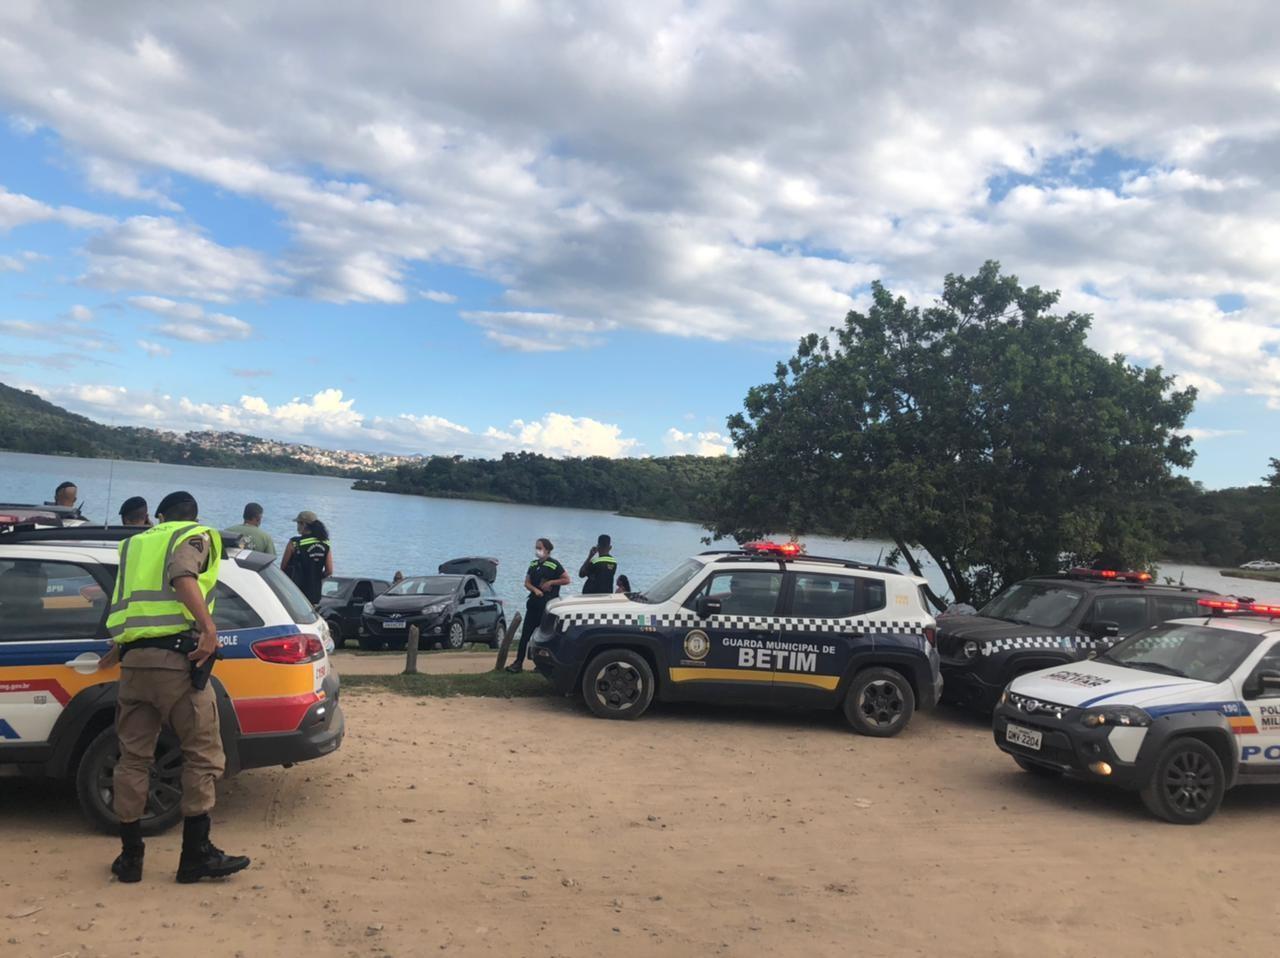 Construção ilegal na Várzea das Flores é demolida em operação da Prefeitura de Contagem